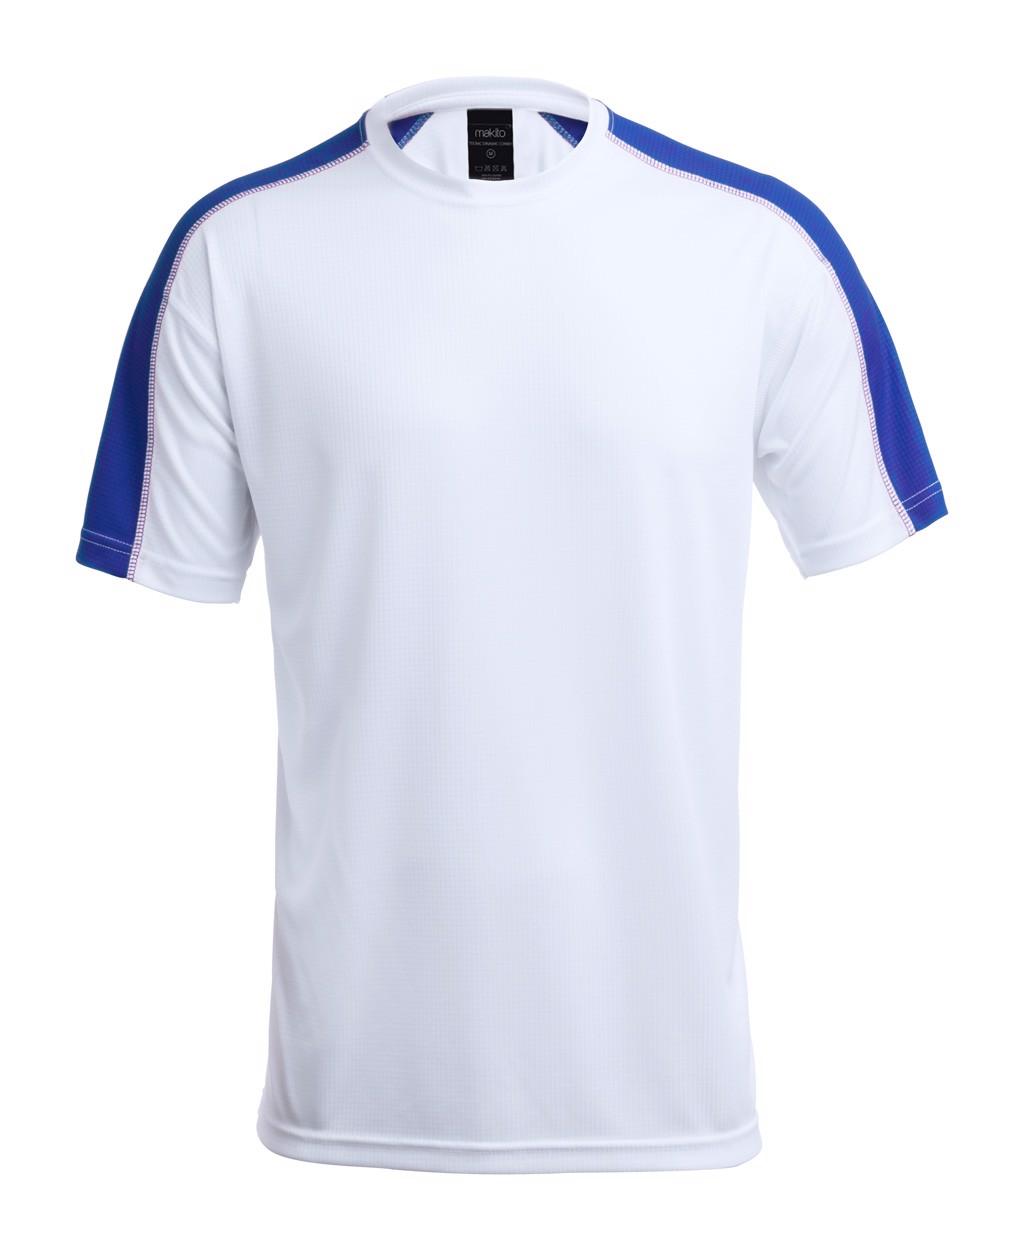 Tričko Pro Dospělé Tecnic Dinamic Comby - Modrá / Bílá / S